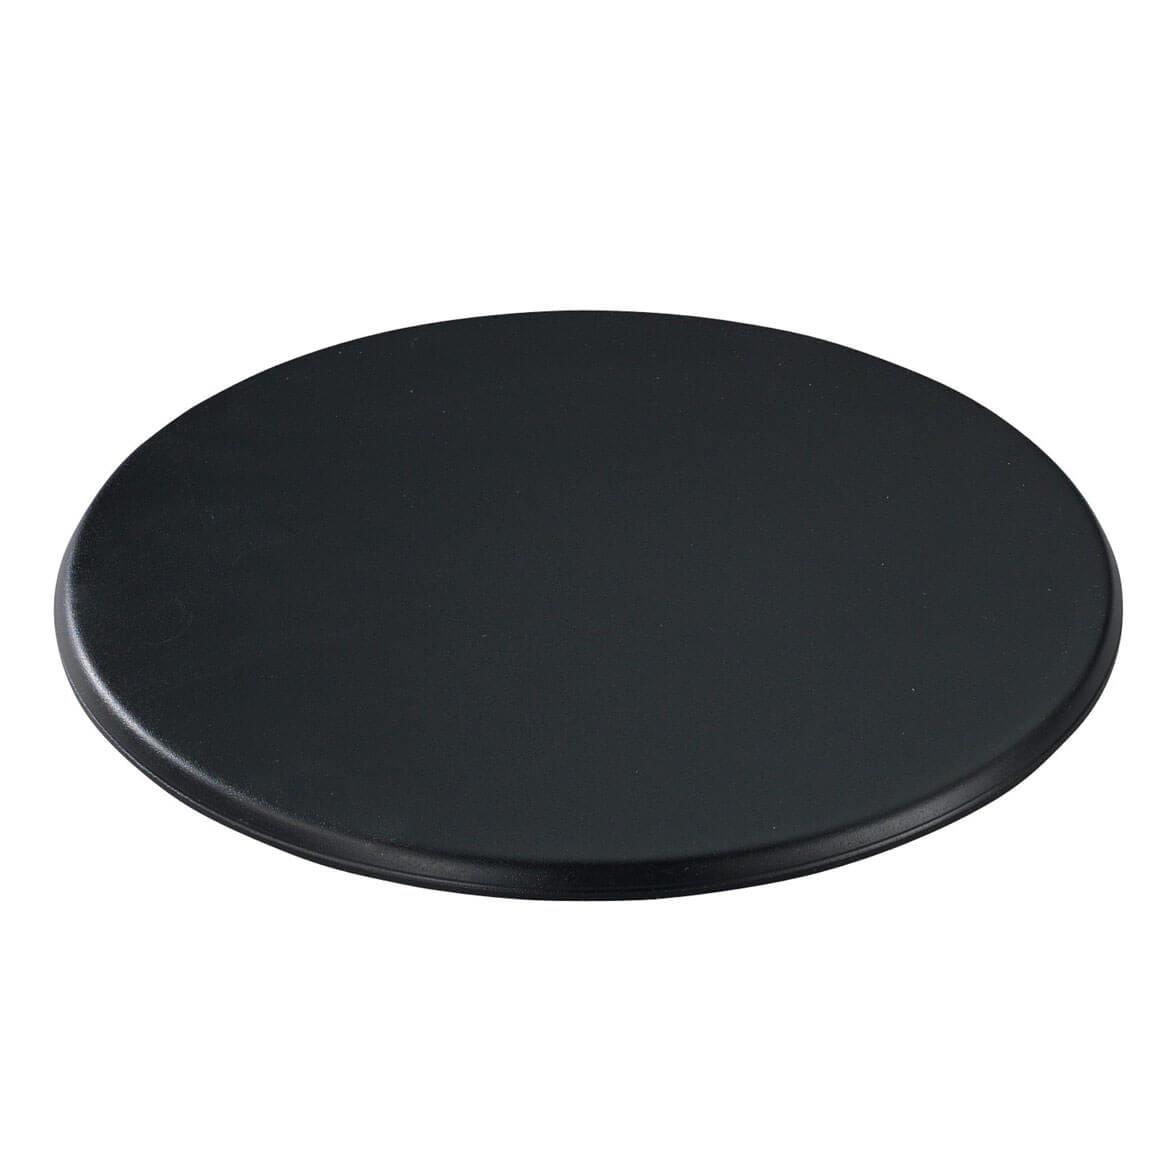 Heat Diffusing Plate